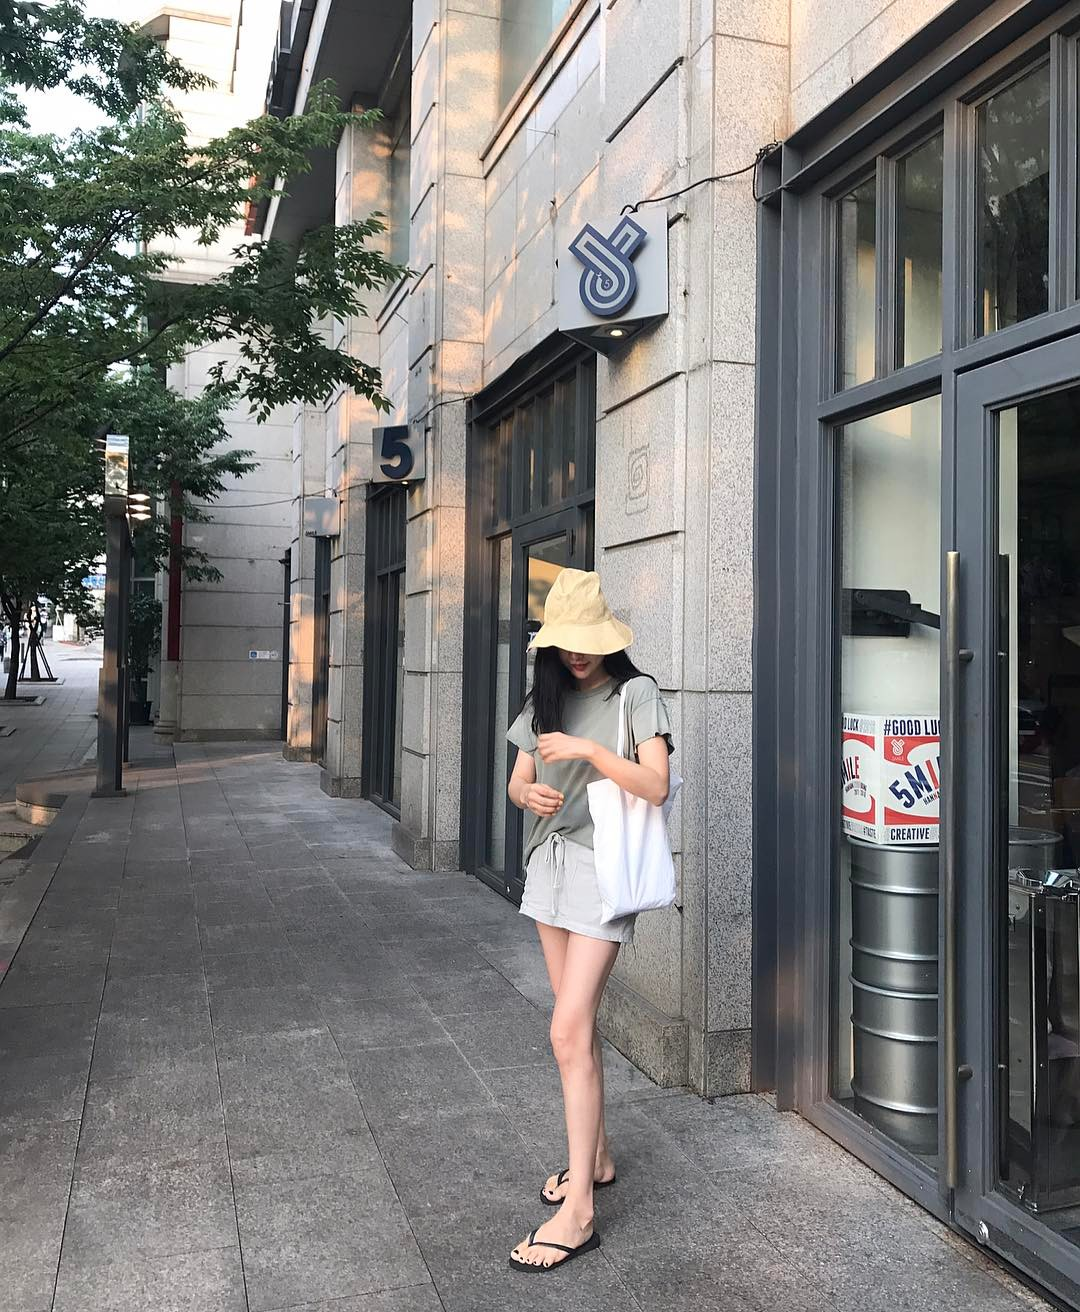 Dép tông, dép lào giờ đã thành món đồ sành điệu, được các fashionista xứ Hàn diện cùng đồ đi chơi cực chất - Ảnh 16.